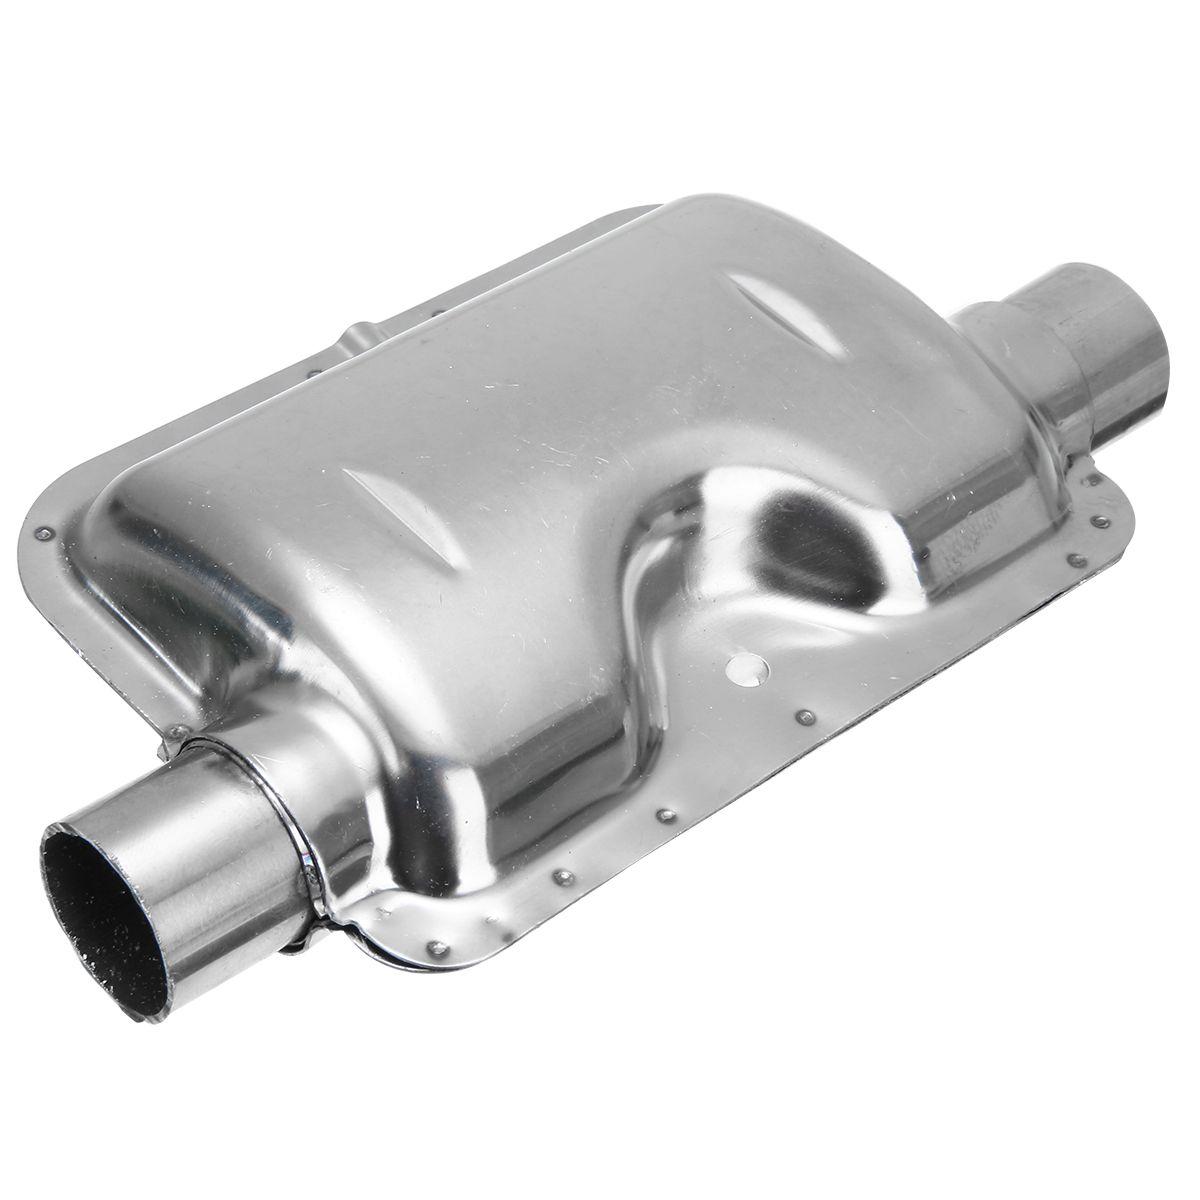 Nouveauté silencieux de tuyau d'échappement de calibre 24mm pour l'acier inoxydable similaire Webasto Eberspacher Air Diesel silencieux de chauffage de stationnement